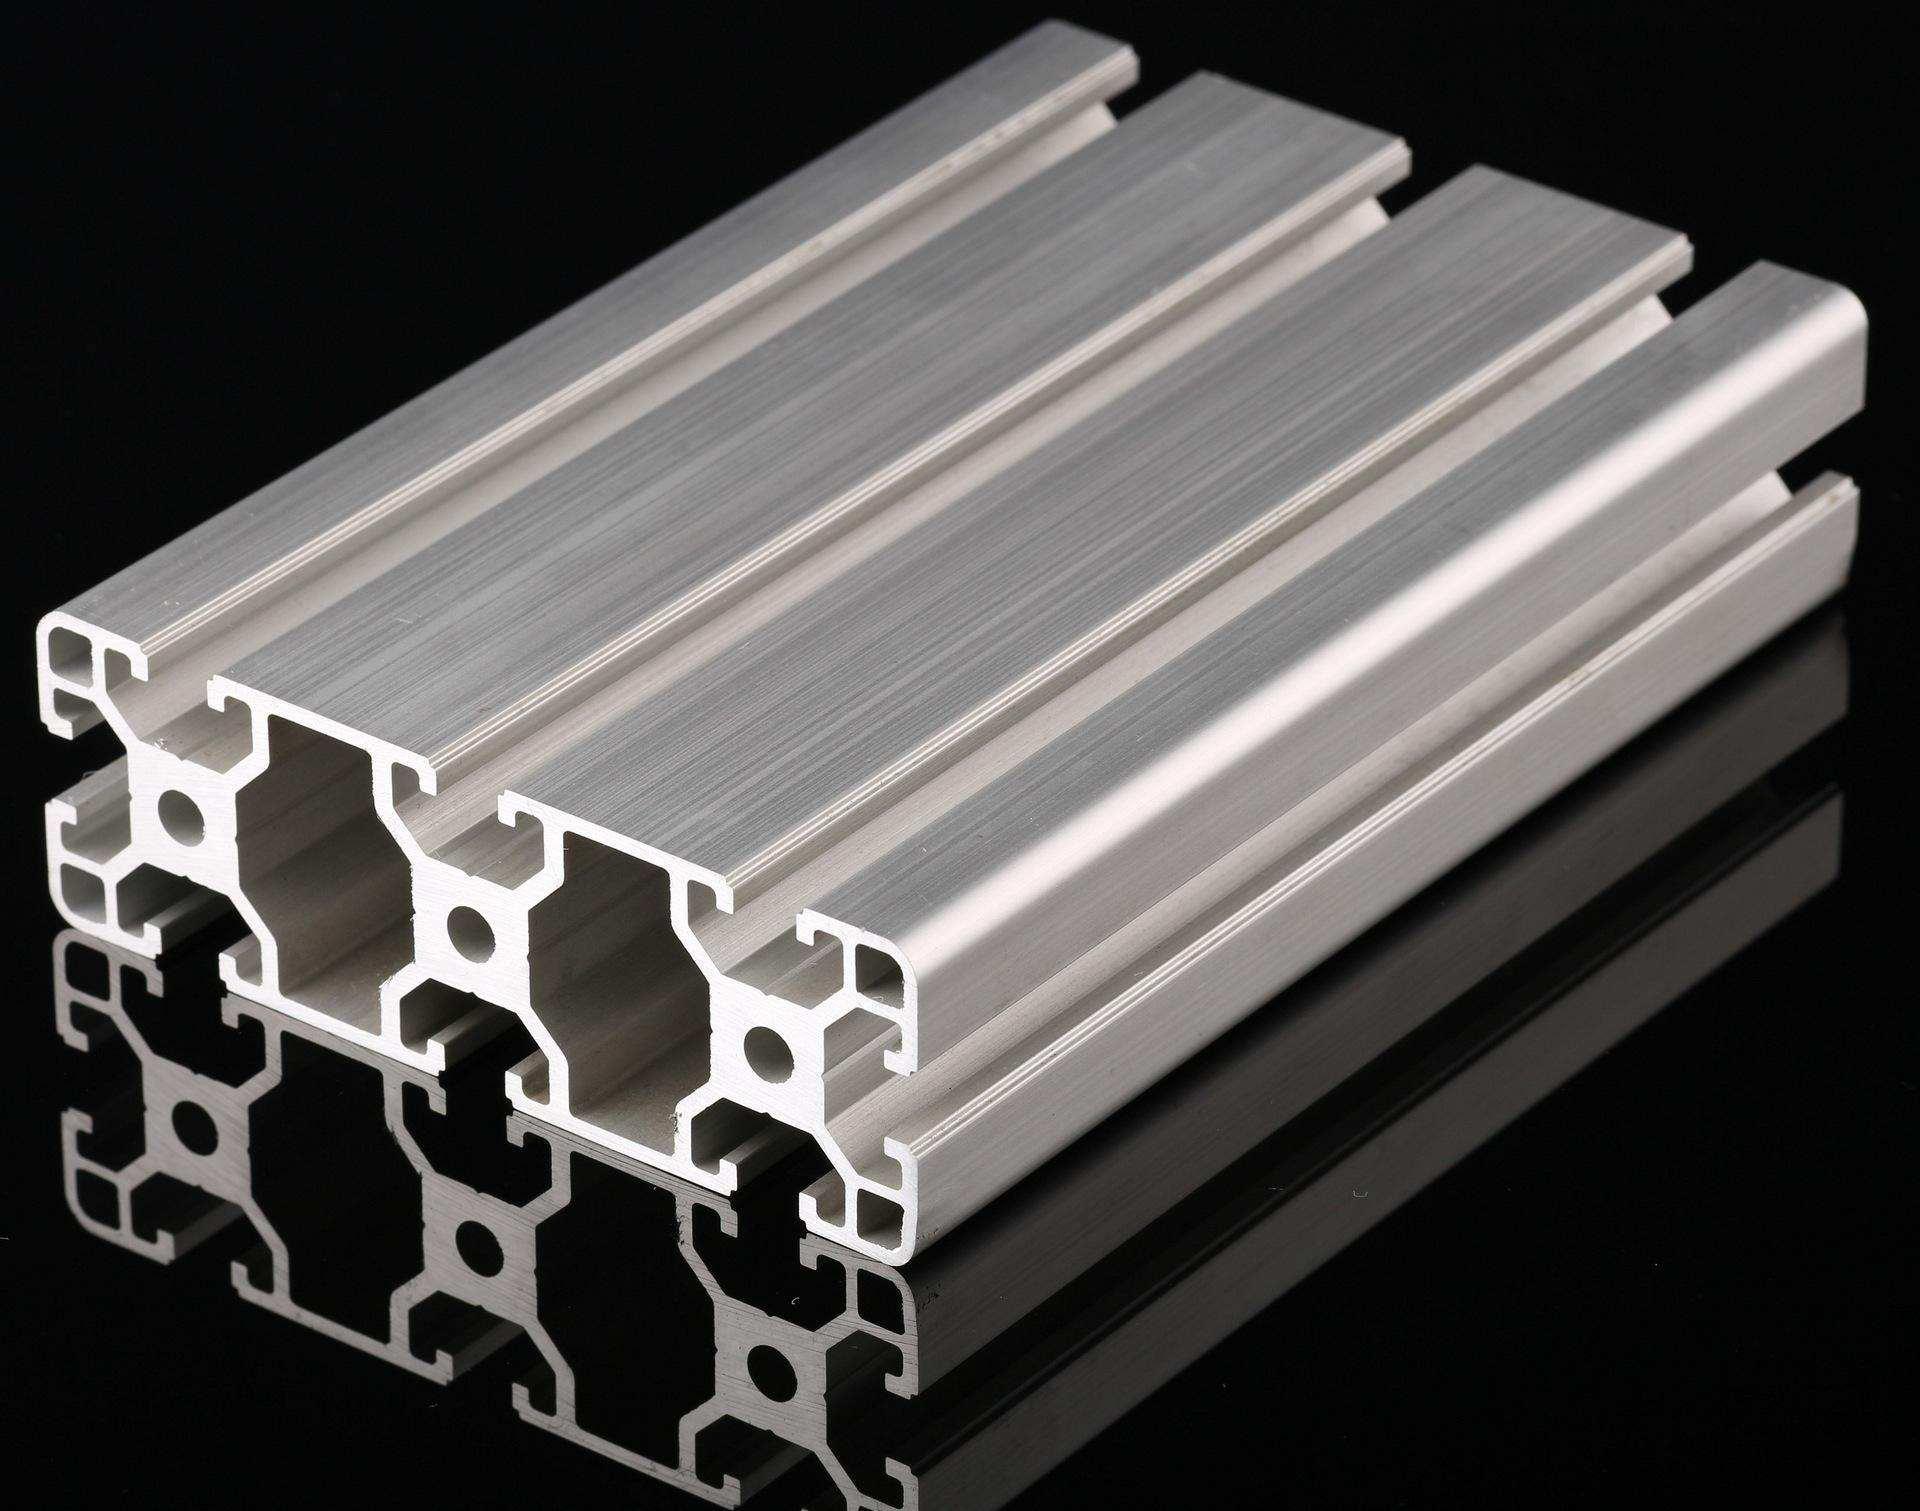 铝合金型材的8大用途分类总结,铝型材已成为很多企业争相抢购的重要材料!